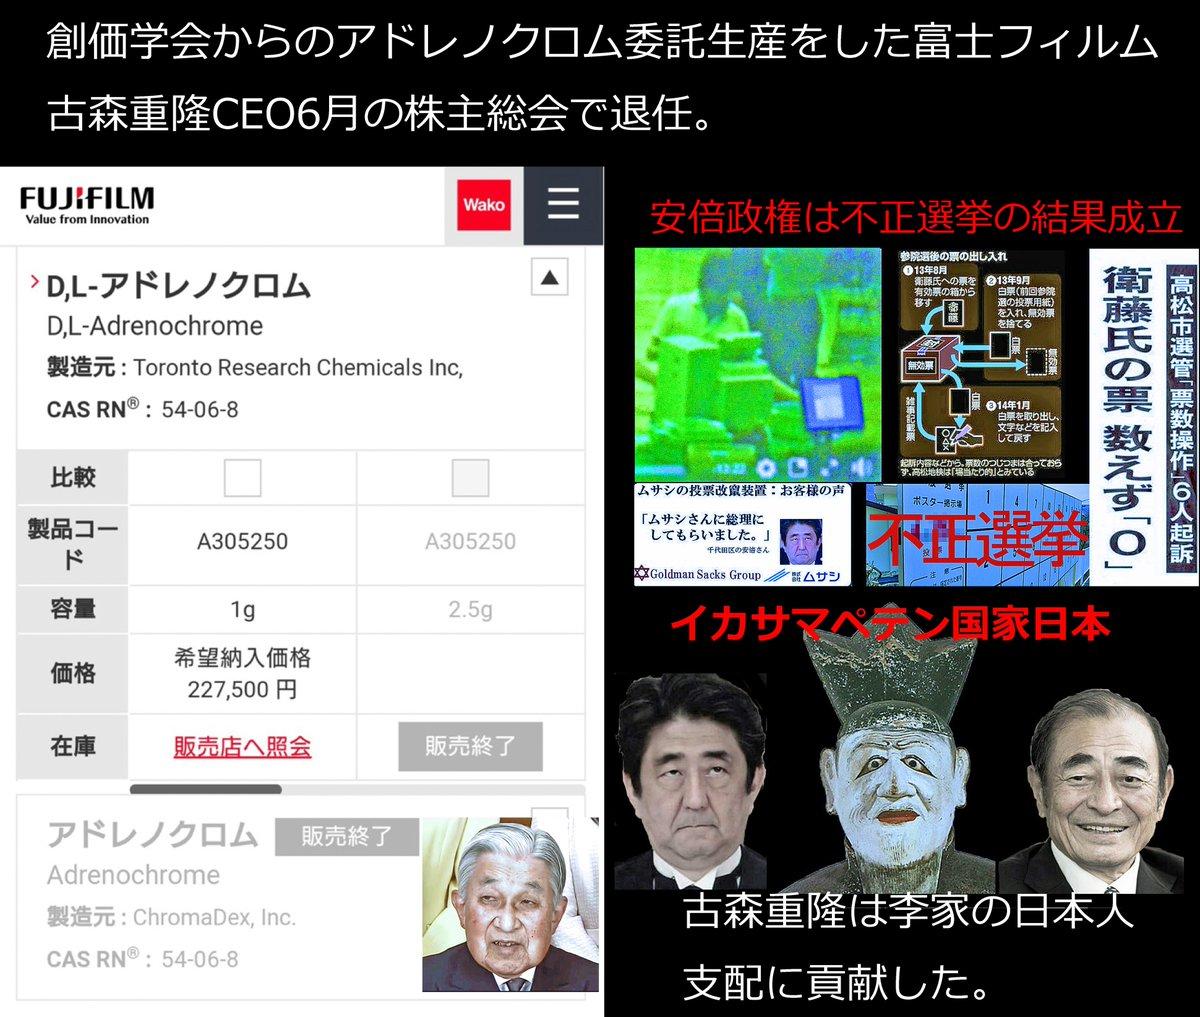 富士 フィルム アドレノクロム 富士山麓の火災は計画遂行の合図だった!?水面下で何が起きてるのか